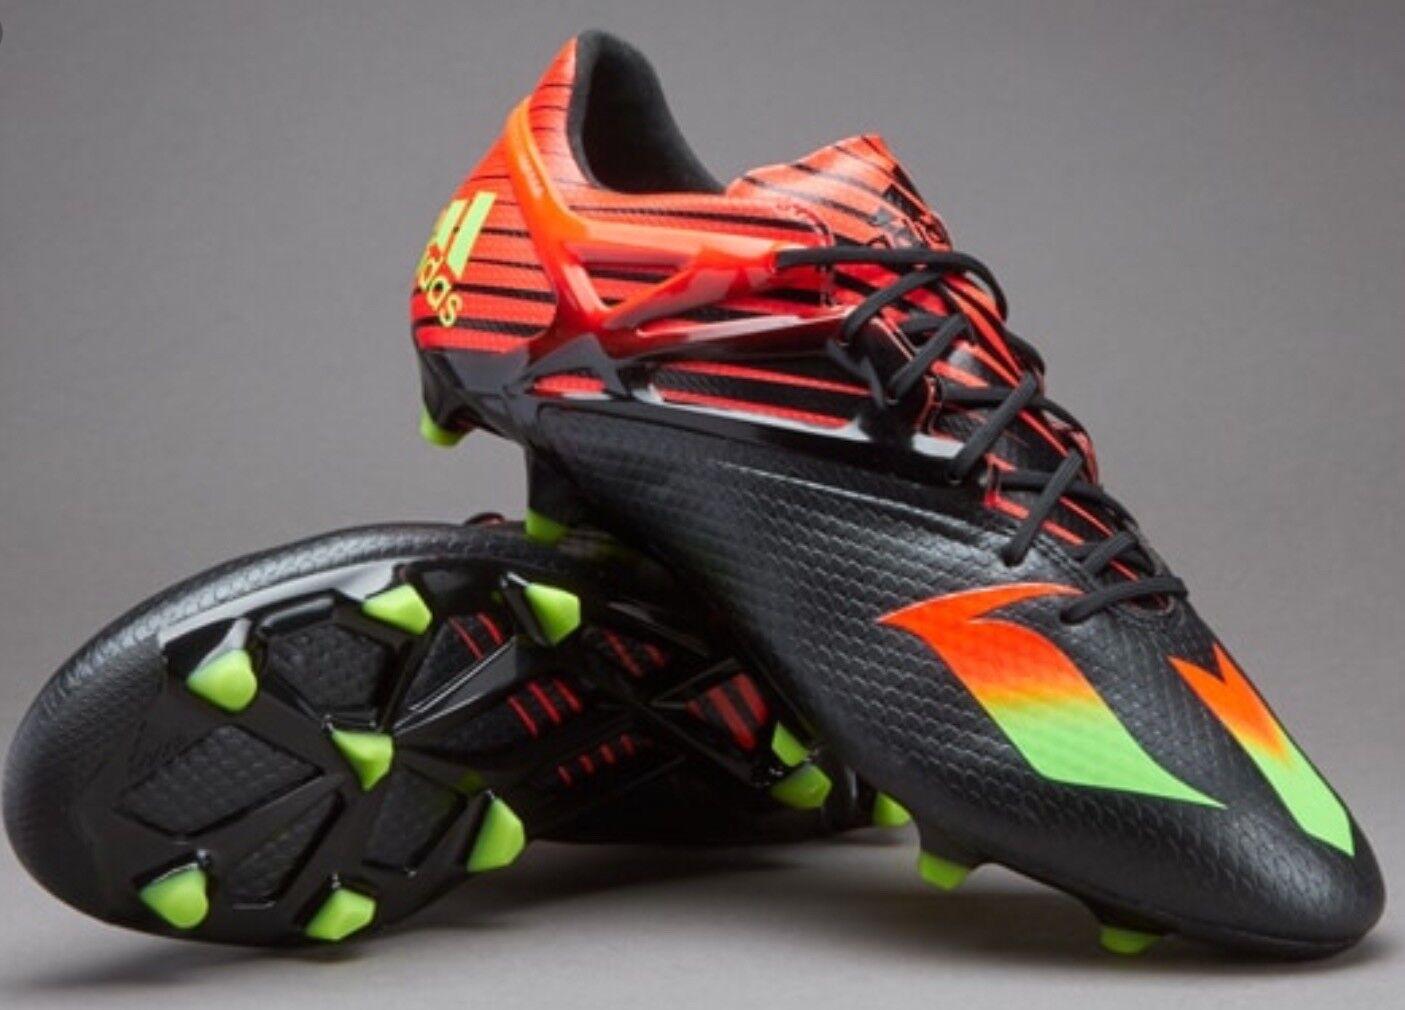 a52fb80b50 ADIDAS Messi 15.1 FG AG Scarpe Da Da Da Calcio 8c90a4 ...